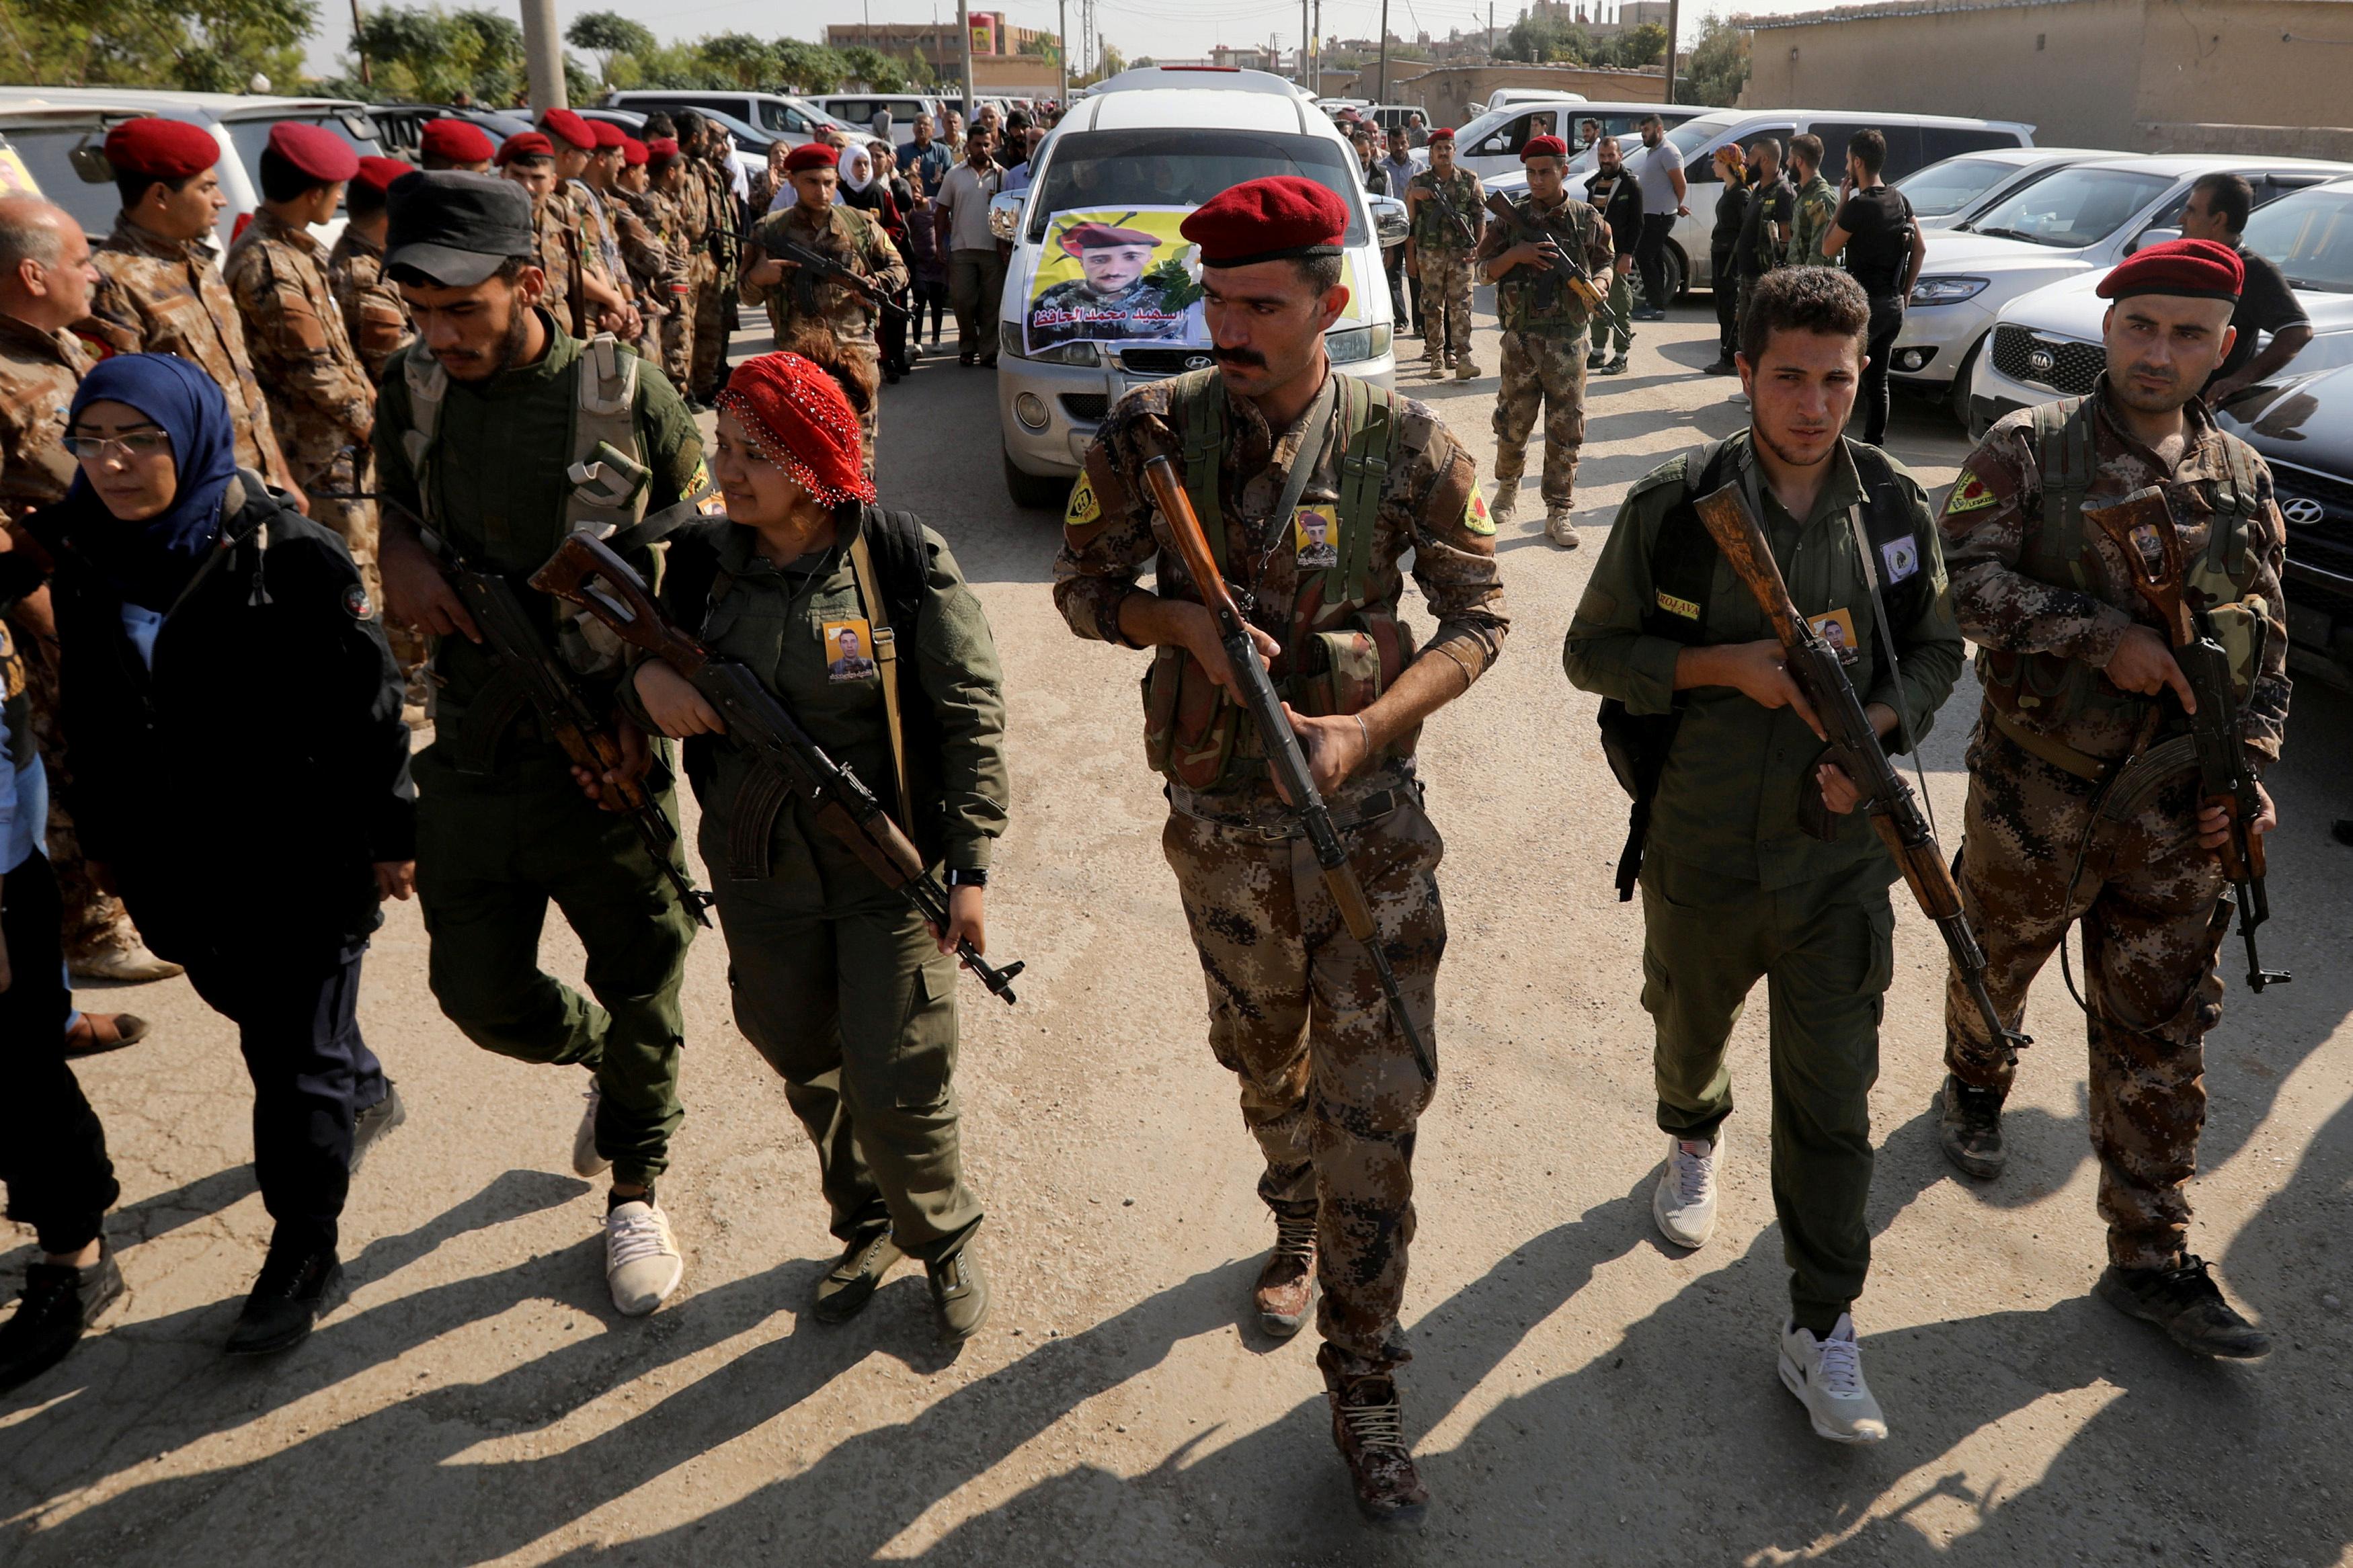 Συρία: Κάλεσμα στους Κούρδους να ενταχθούν στον στρατό του Άσαντ